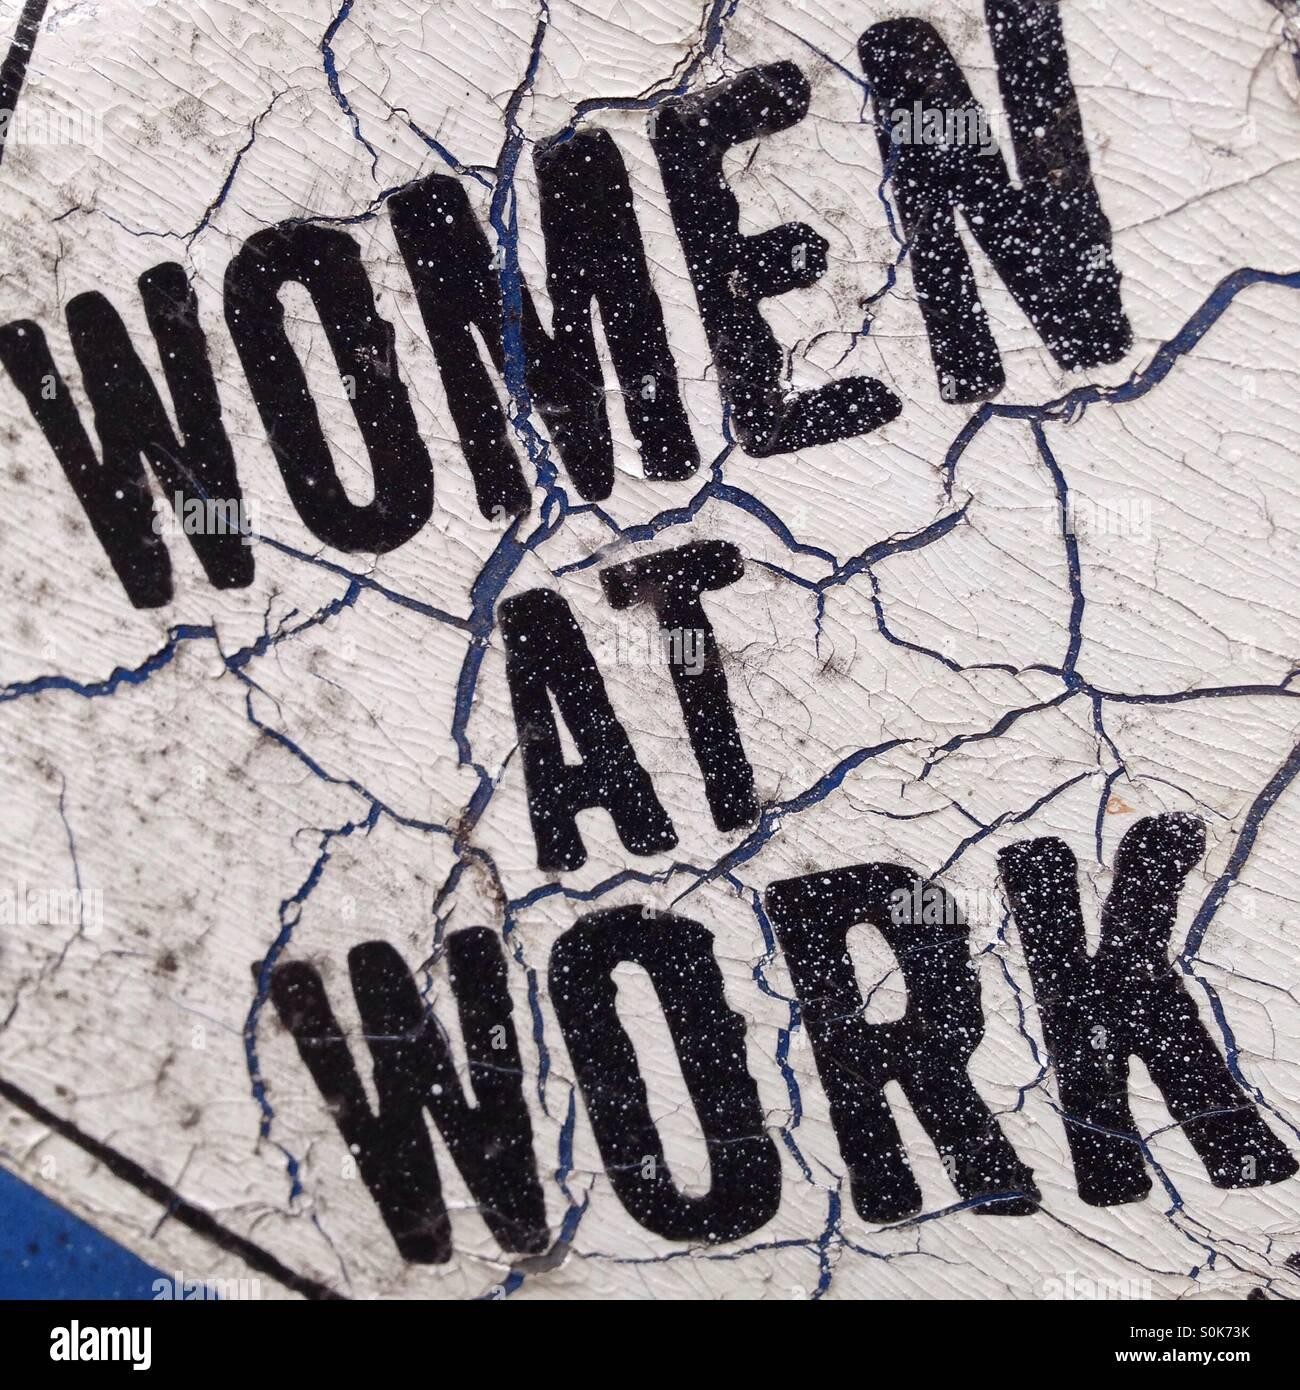 Women at work - Stock Image